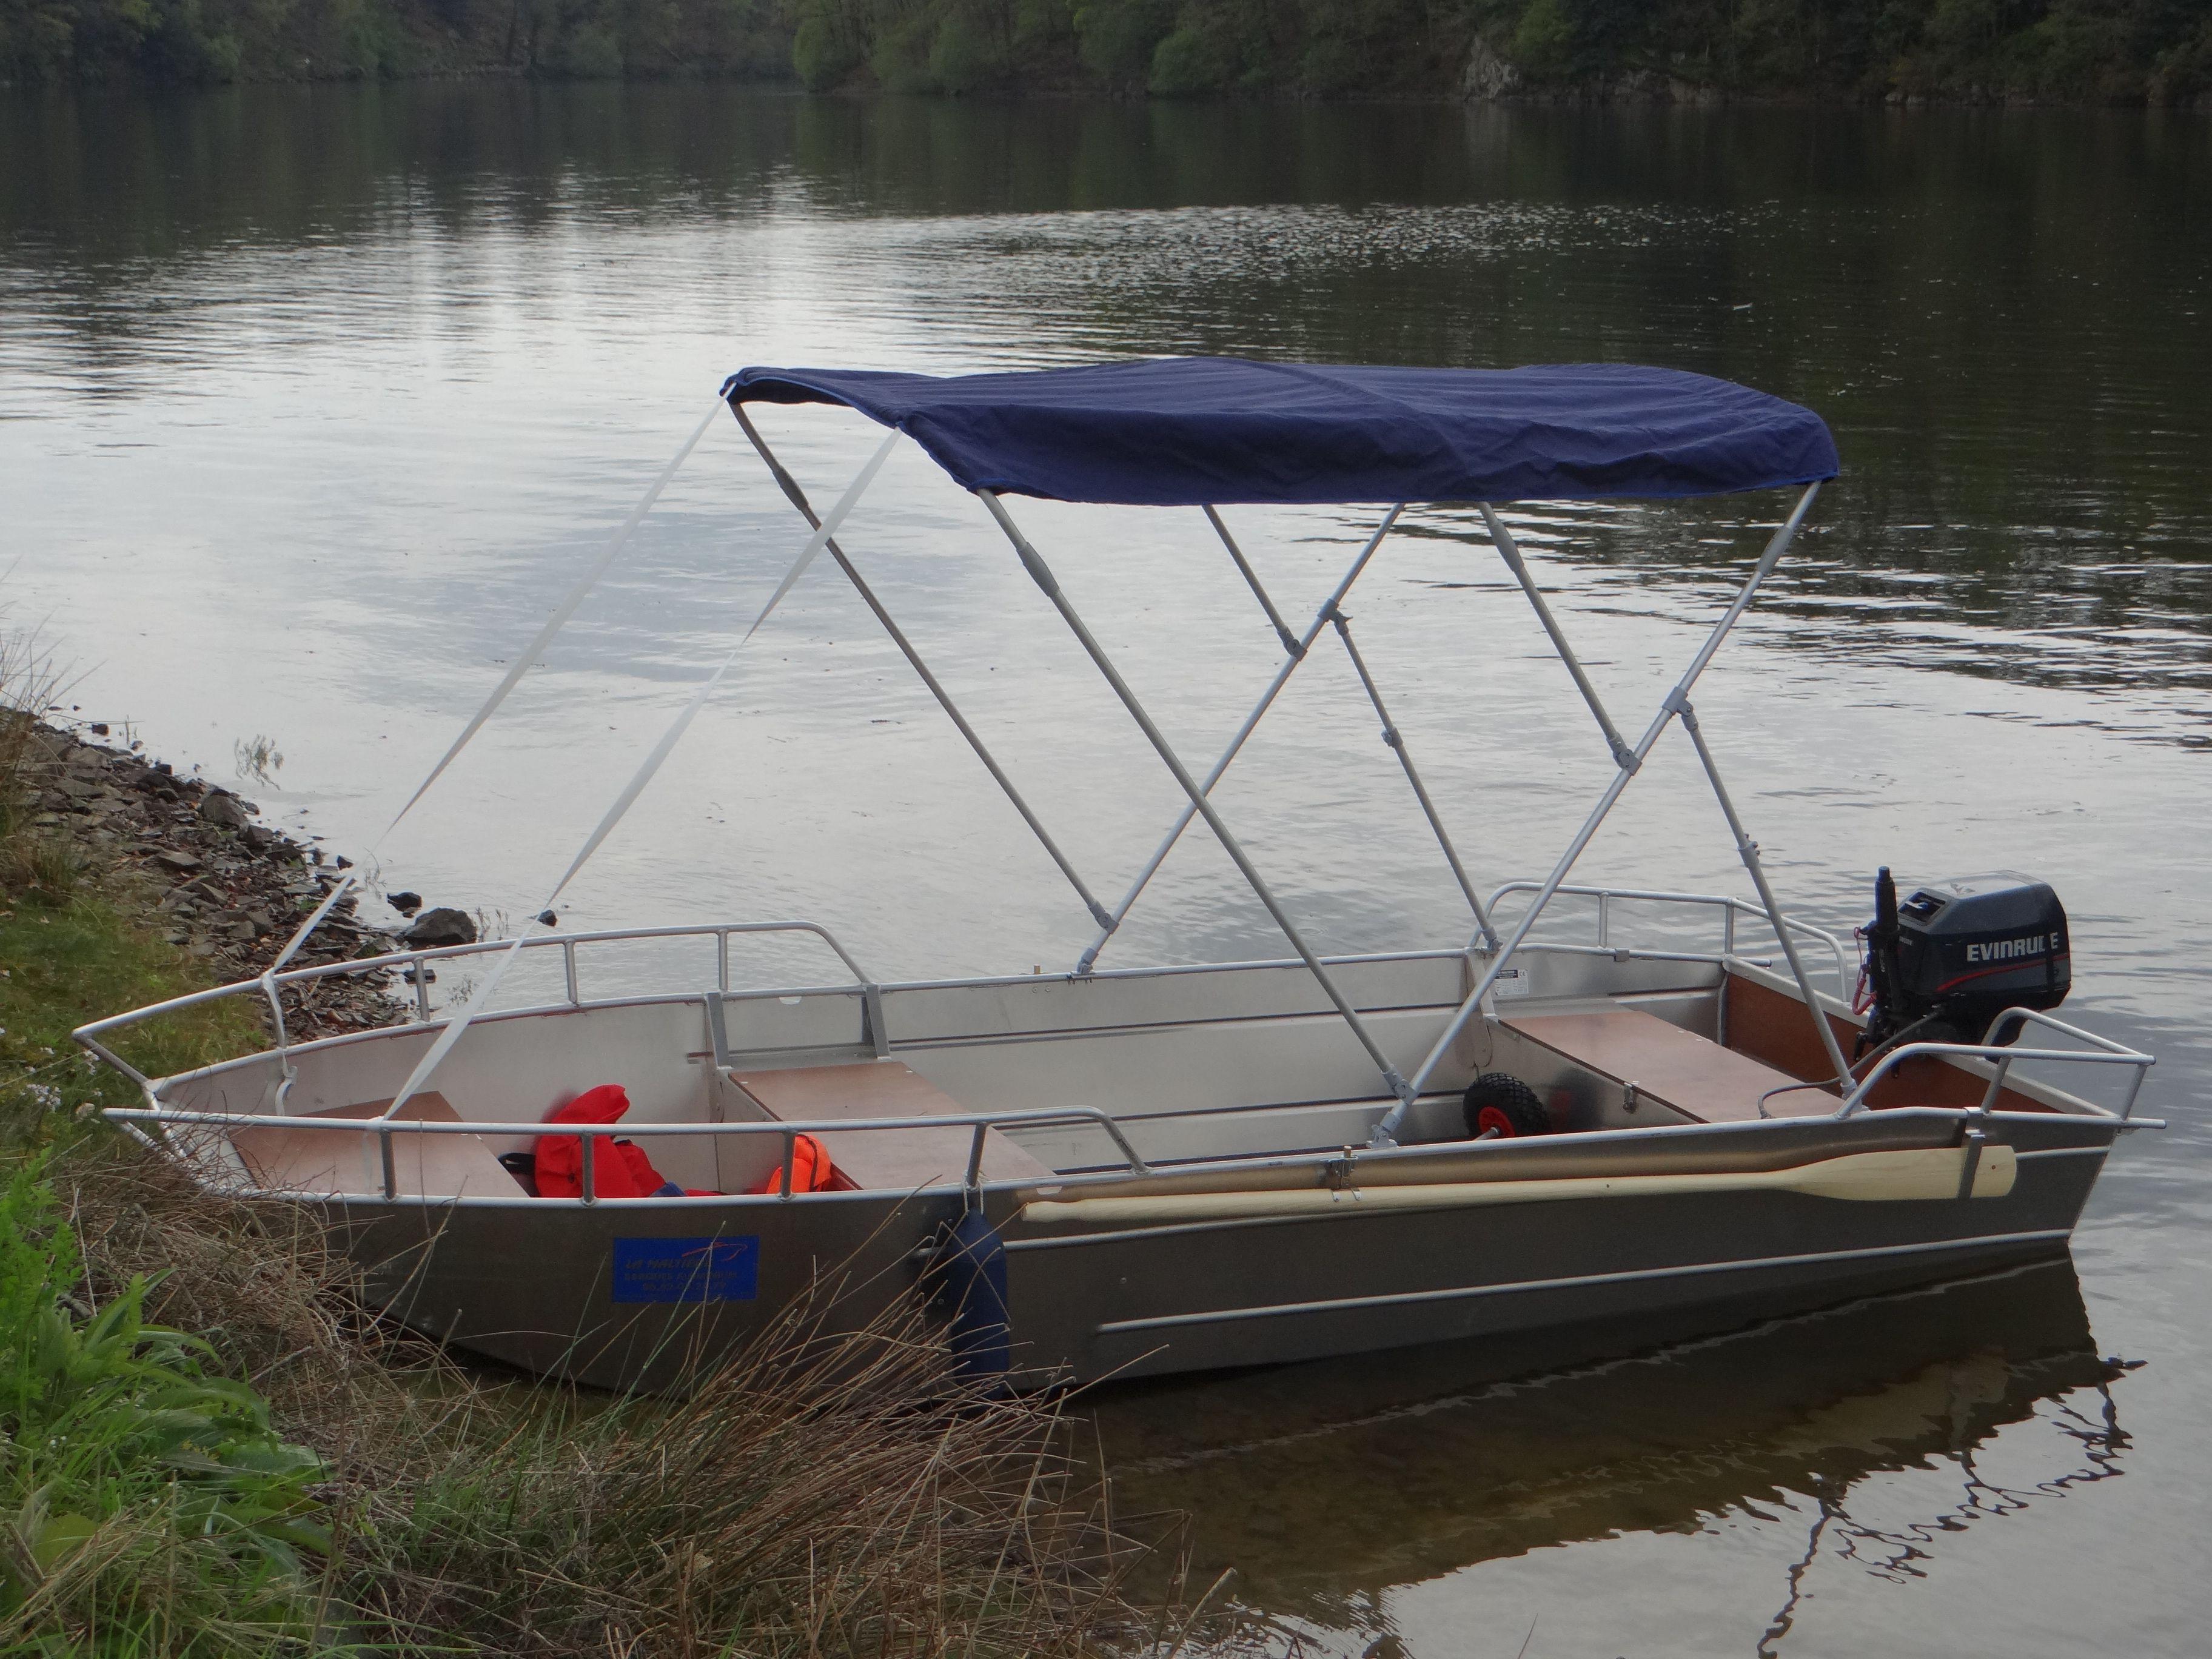 barque de peche barque alu barque aluminiulm barque legere barque a fond plat barque soudee. Black Bedroom Furniture Sets. Home Design Ideas